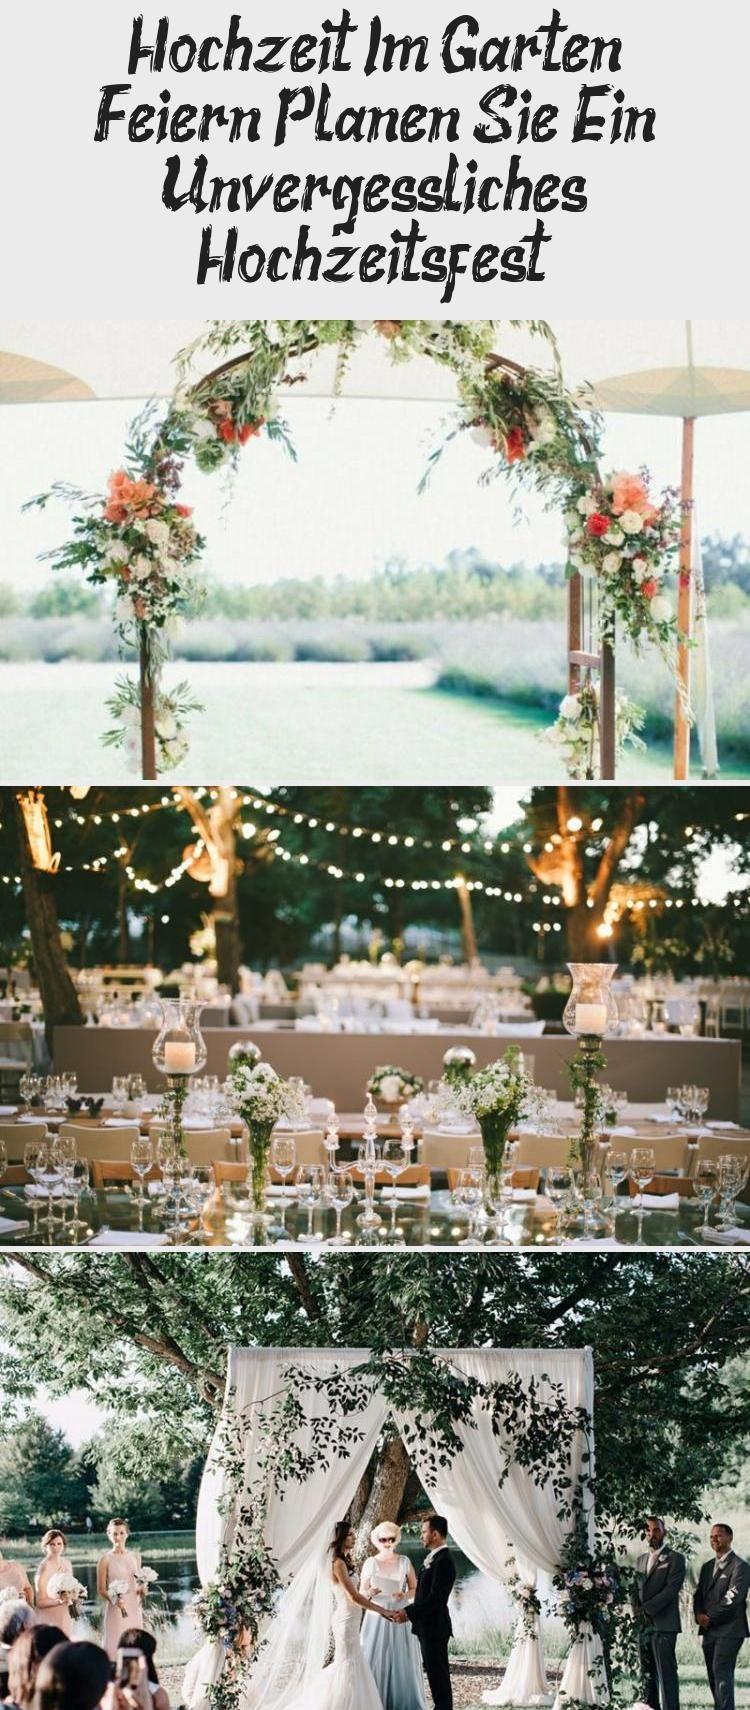 Hochzeit Im Garten Feiern Planen Sie Ein Unvergessliches Hochzeitsfest Mit Bildern Hochzeitsfest Hochzeitsfeier Garten Feiern